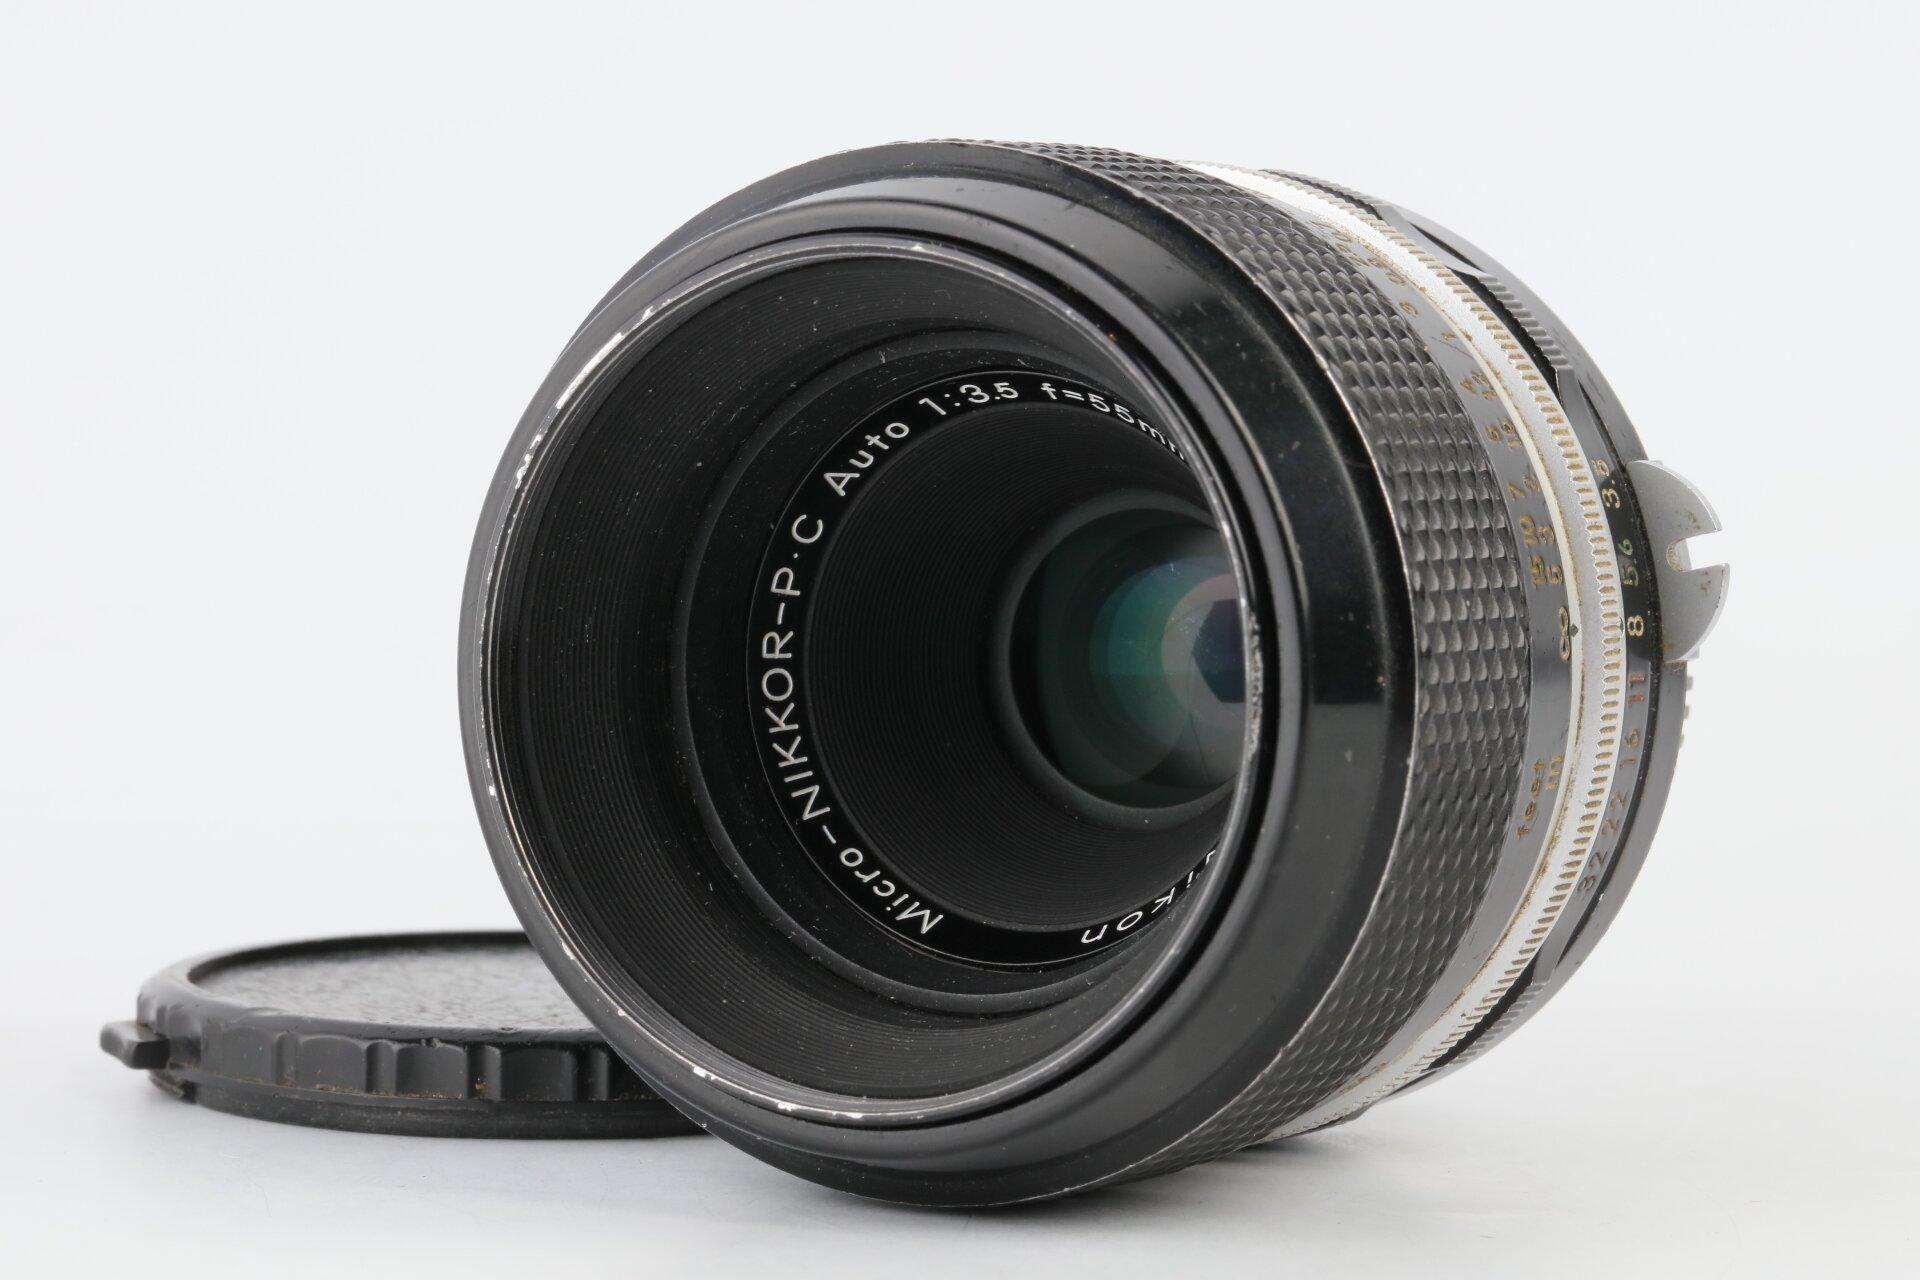 Nikon non AI 3,5/55mm Micro-Nikkor-P.C